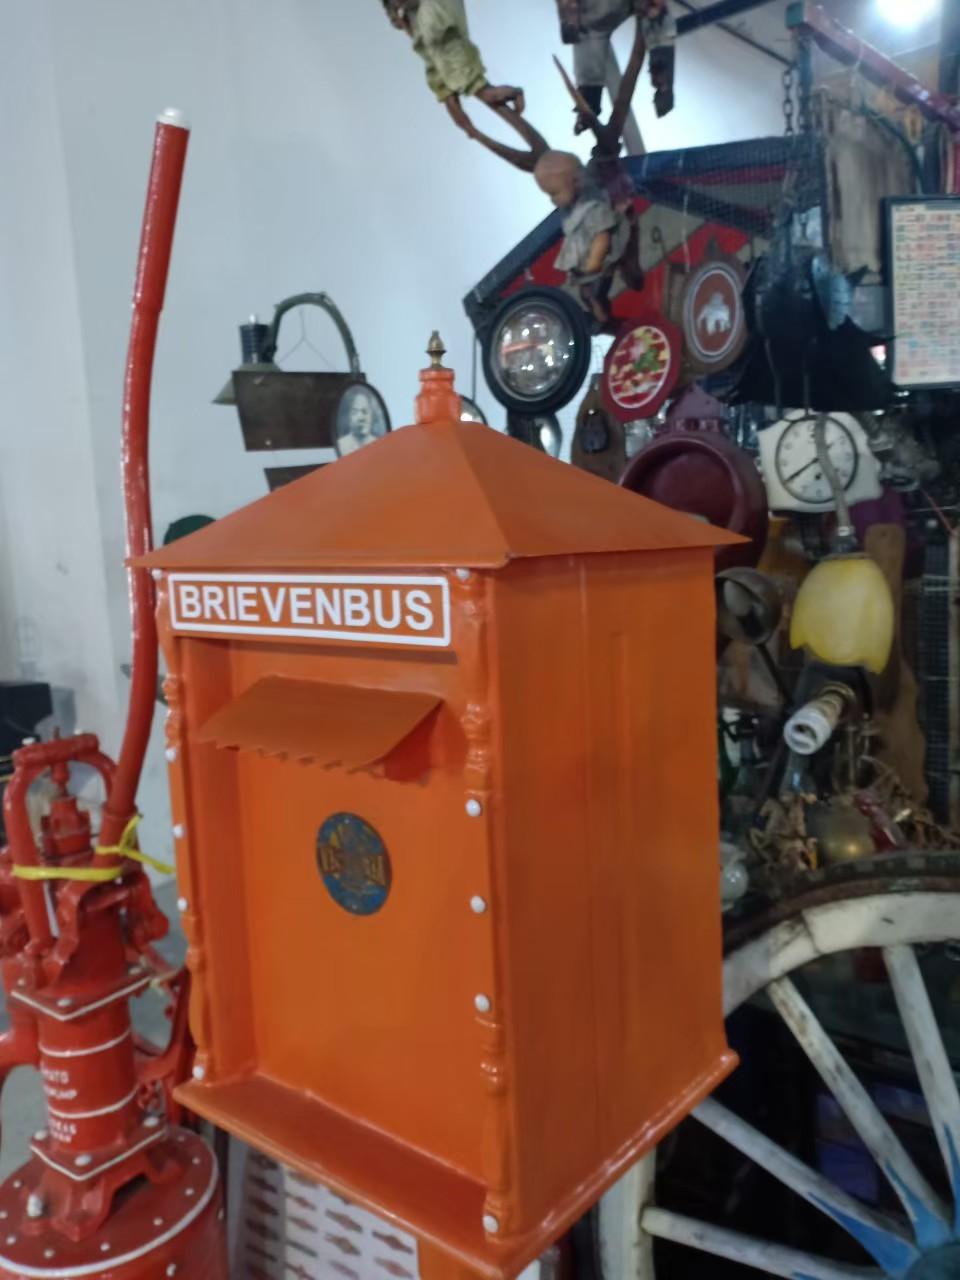 Pesona Unik Kota Lama Semarang, Peninggalan Belanda yang Penuh Sejarah 3